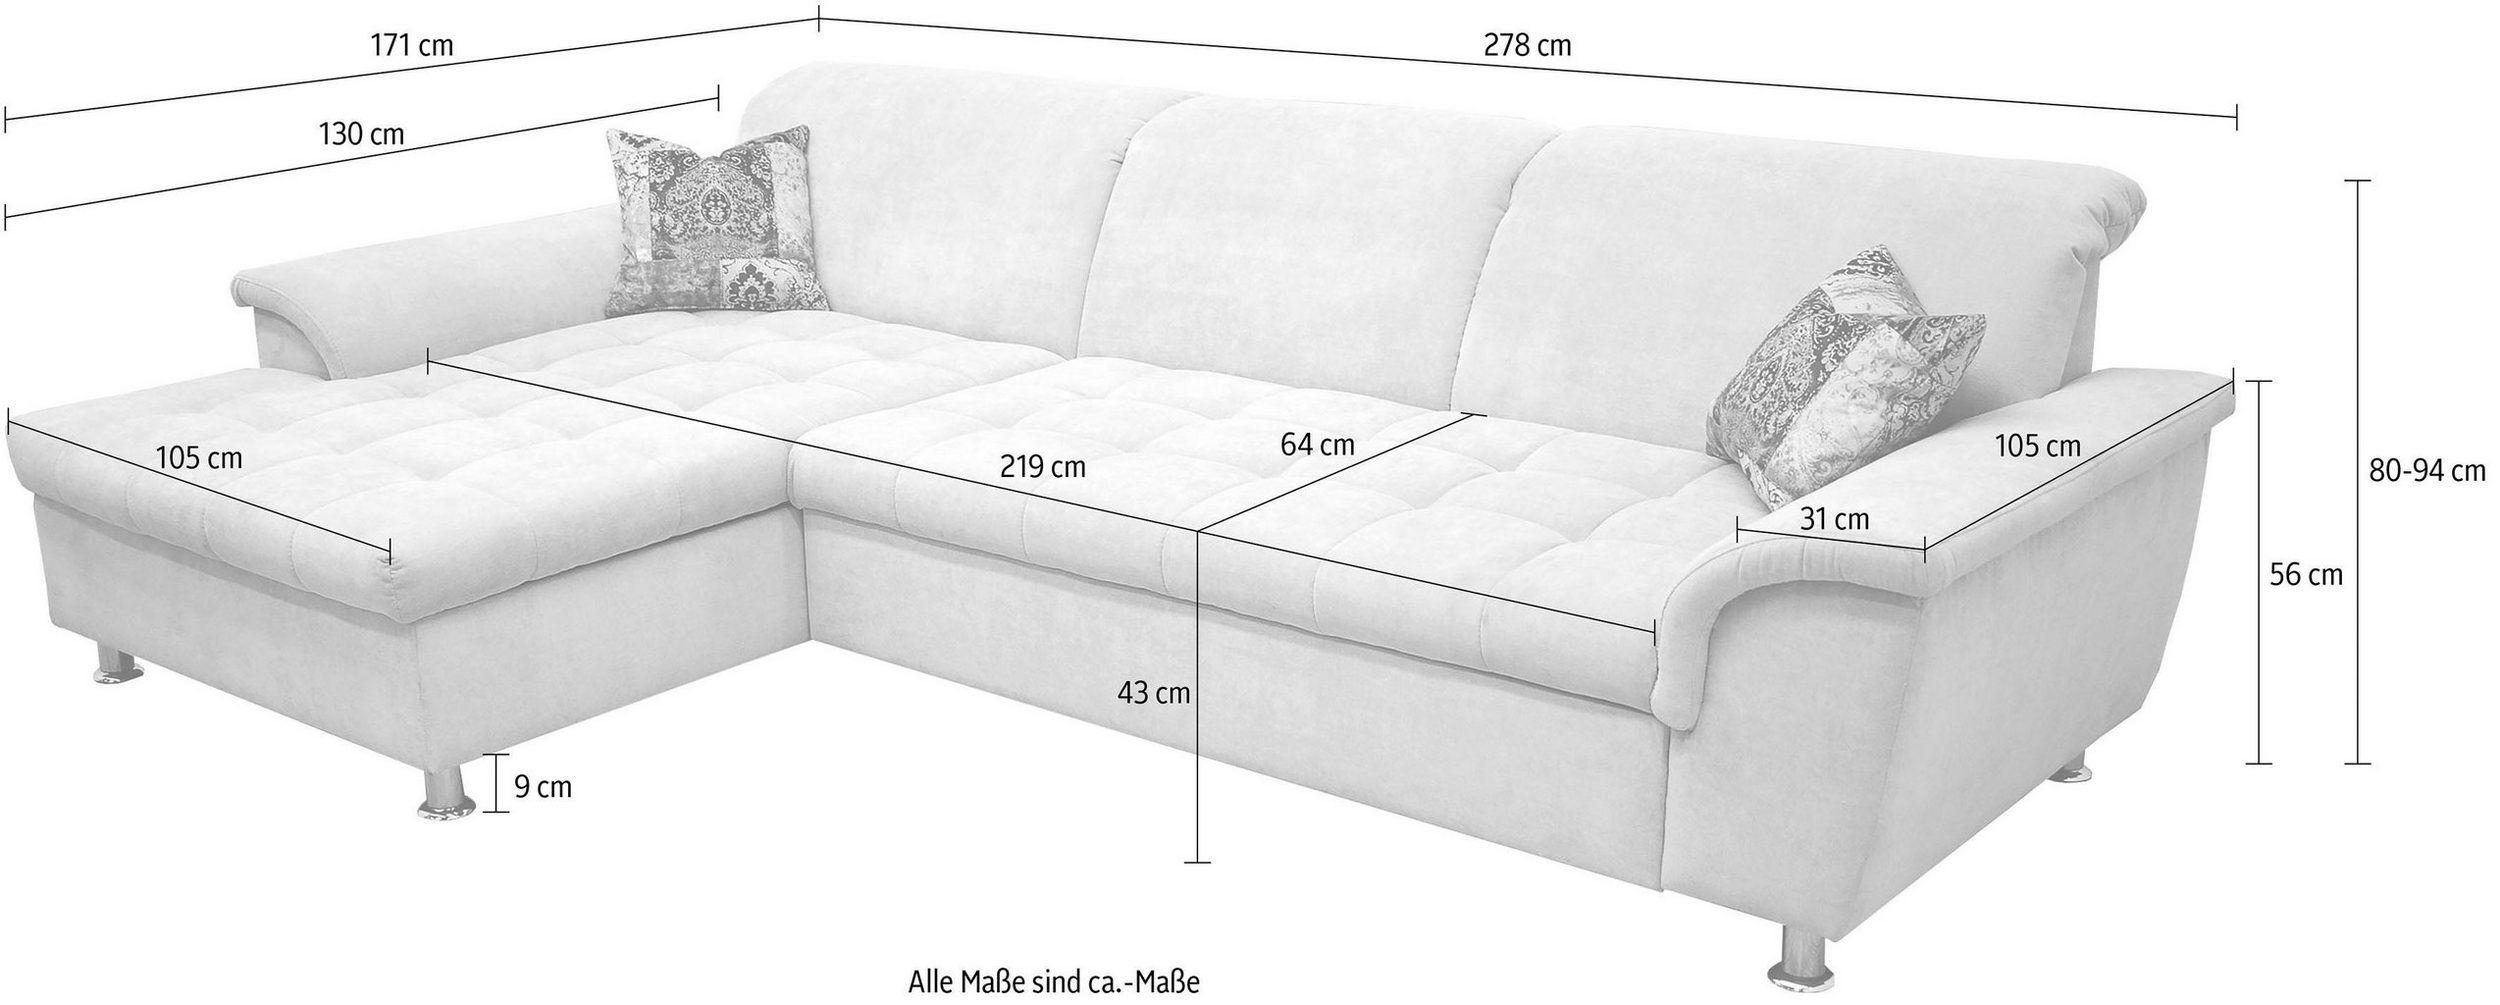 Domo Collection Ecksofa Wahlweise Mit Bettfunktion Und Kopfteilverstellung Online Kaufen Ecksofa Sofa Und Bett